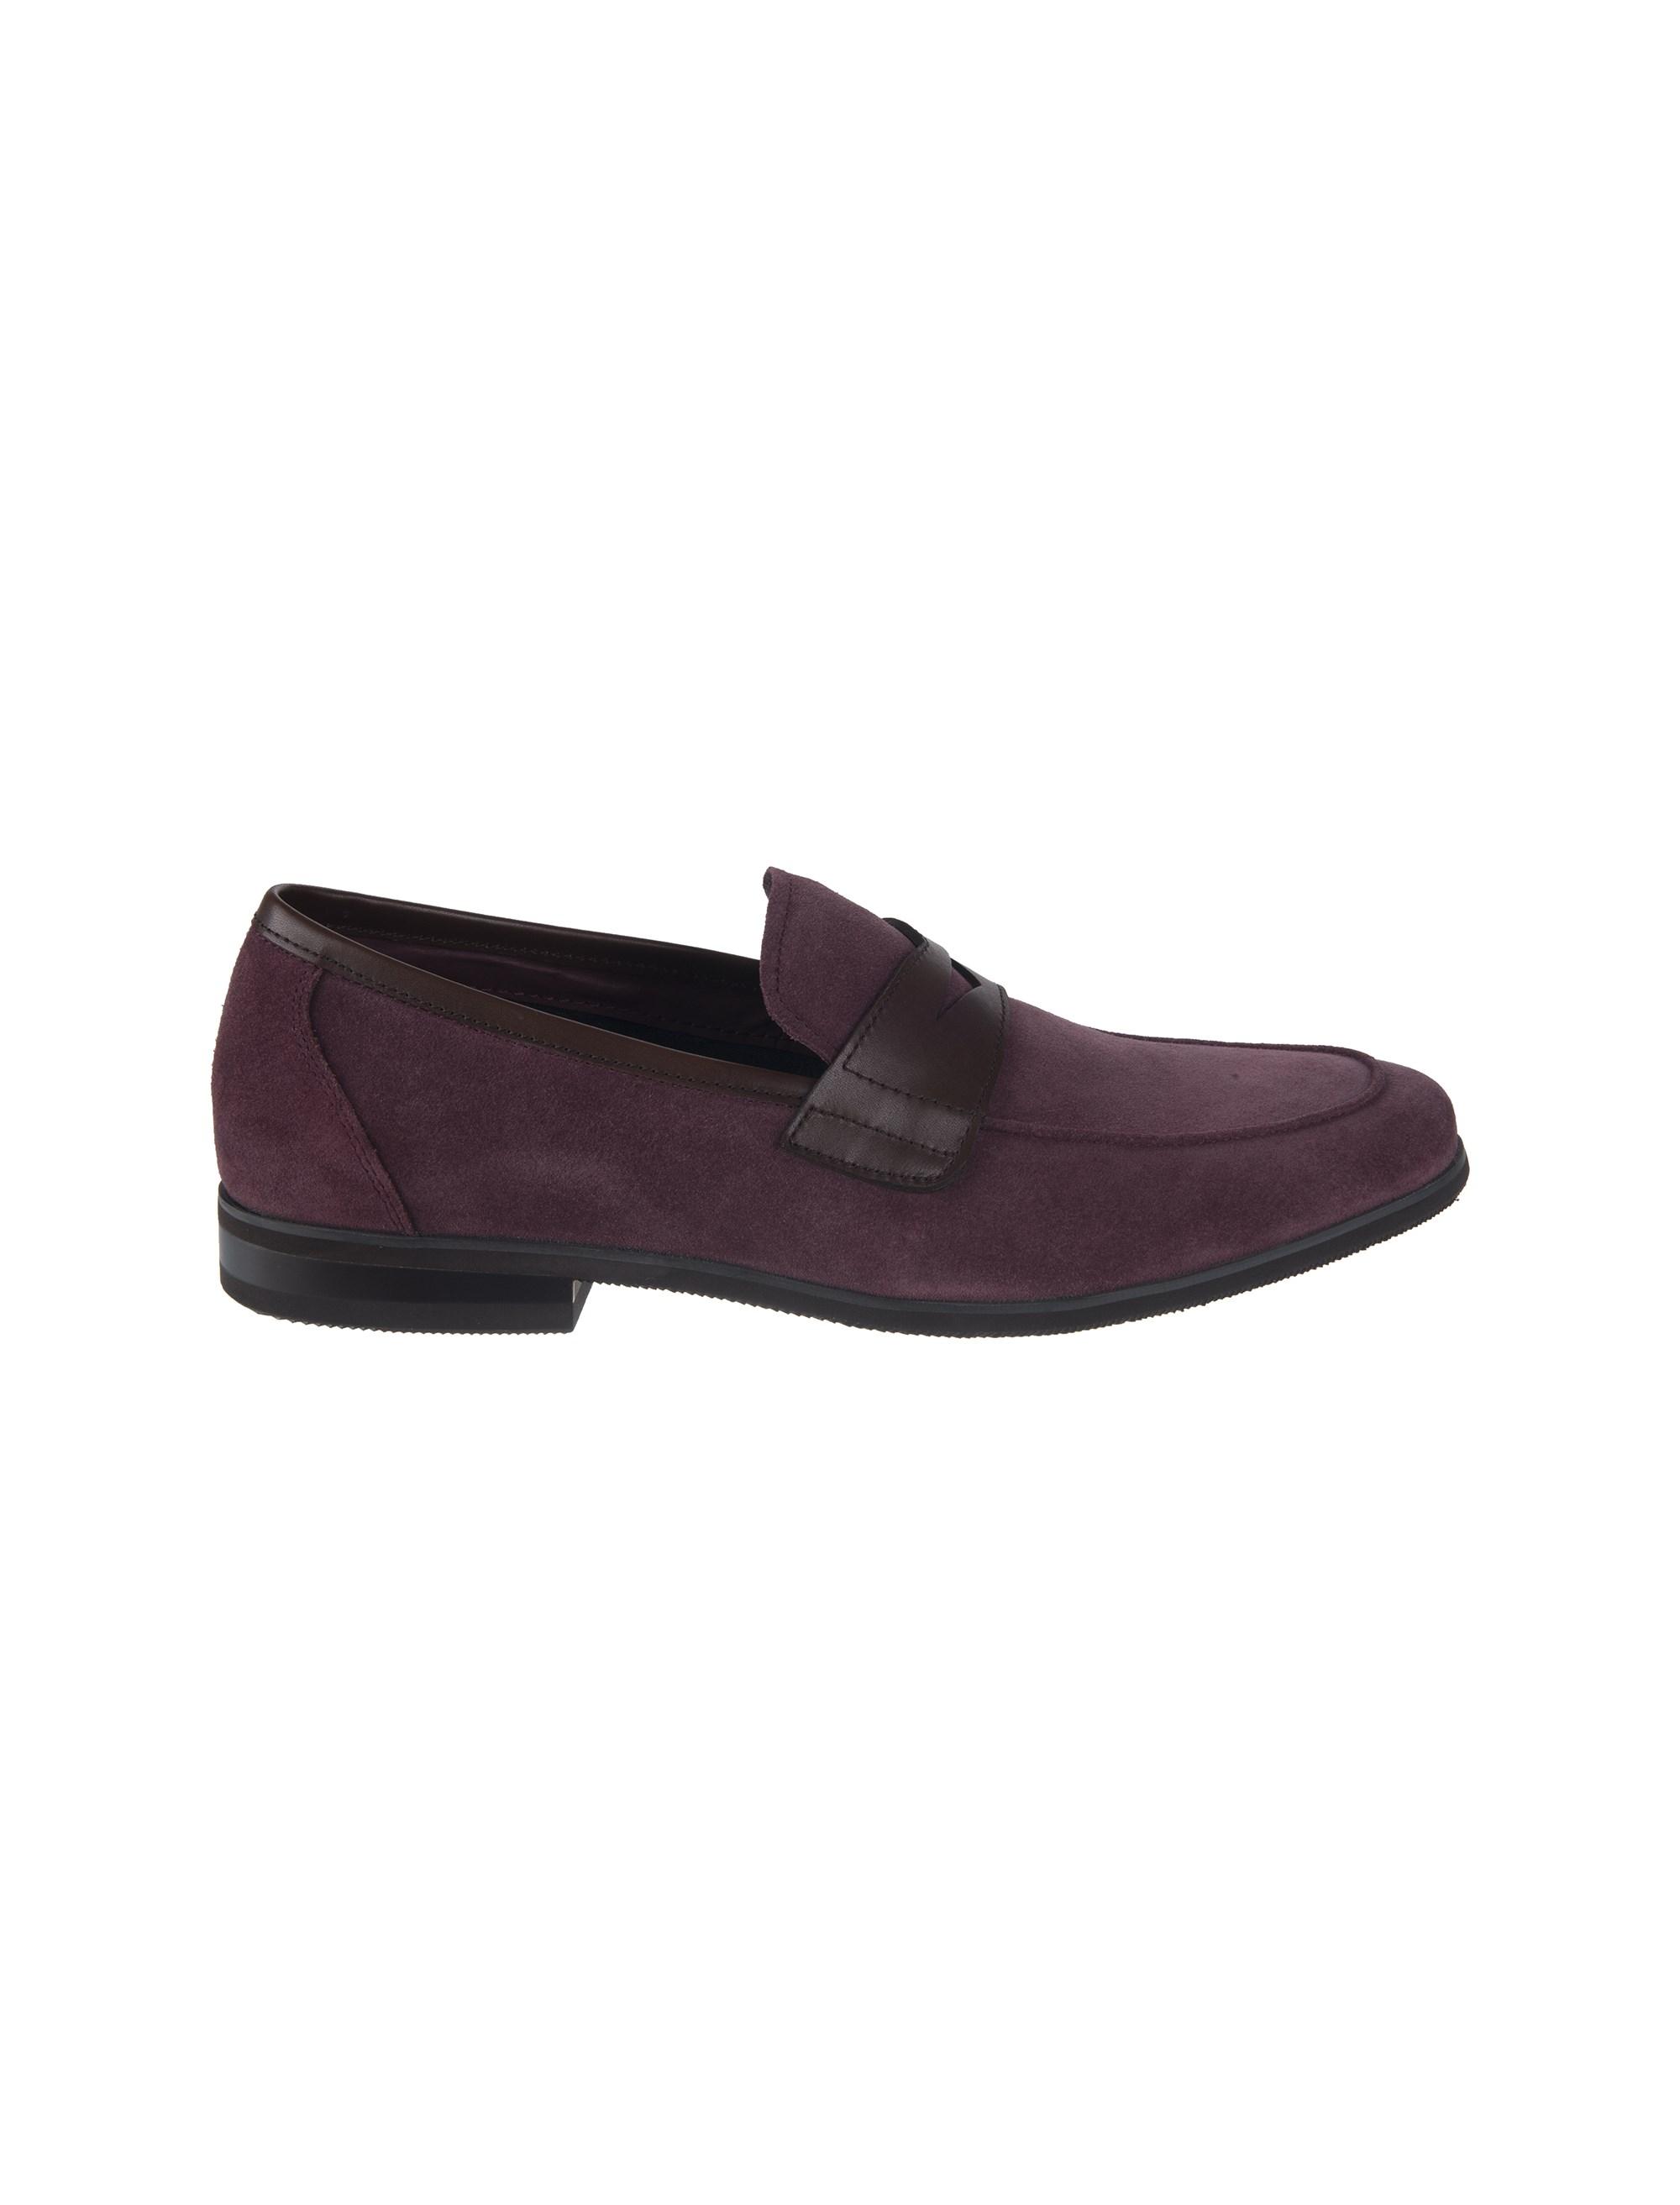 کفش چرم راحتی مردانه – بالدی  Men Leather Comfortable Shoes – Baldi